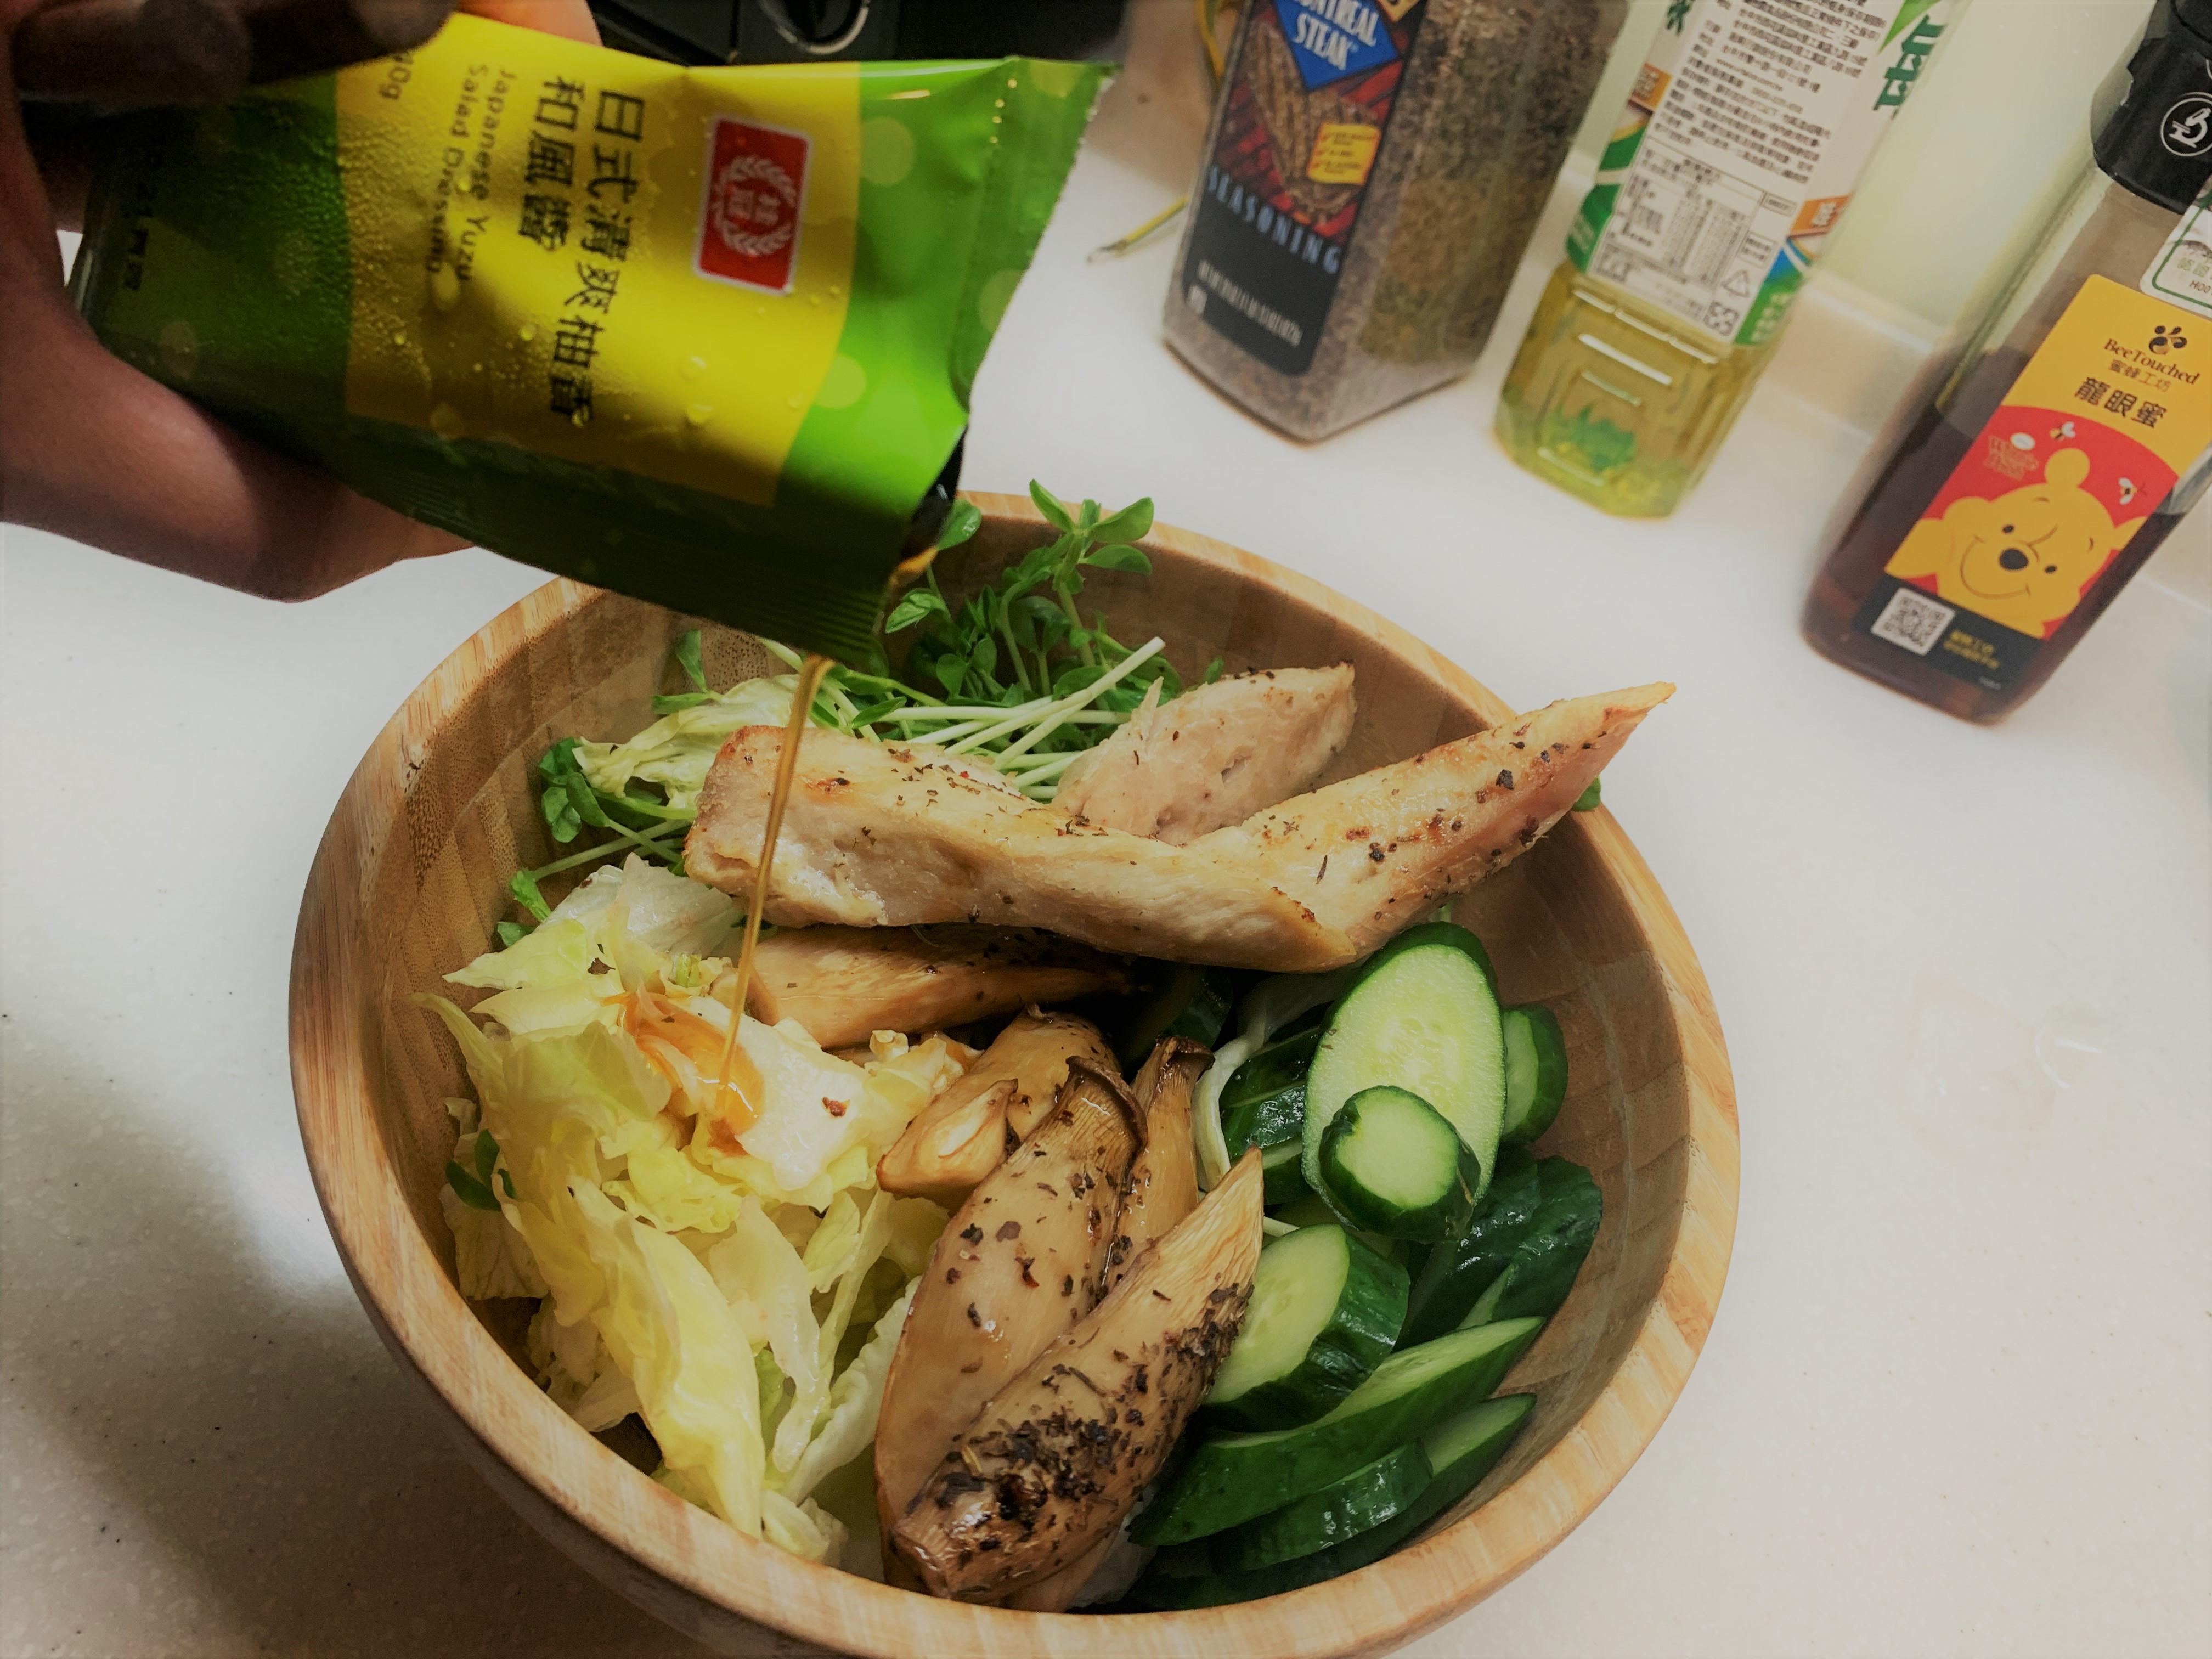 【桂冠風味沙拉】塑身低脂低卡低熱量-雞胸肉佐杏鮑菇溫沙拉的第 10 張圖片